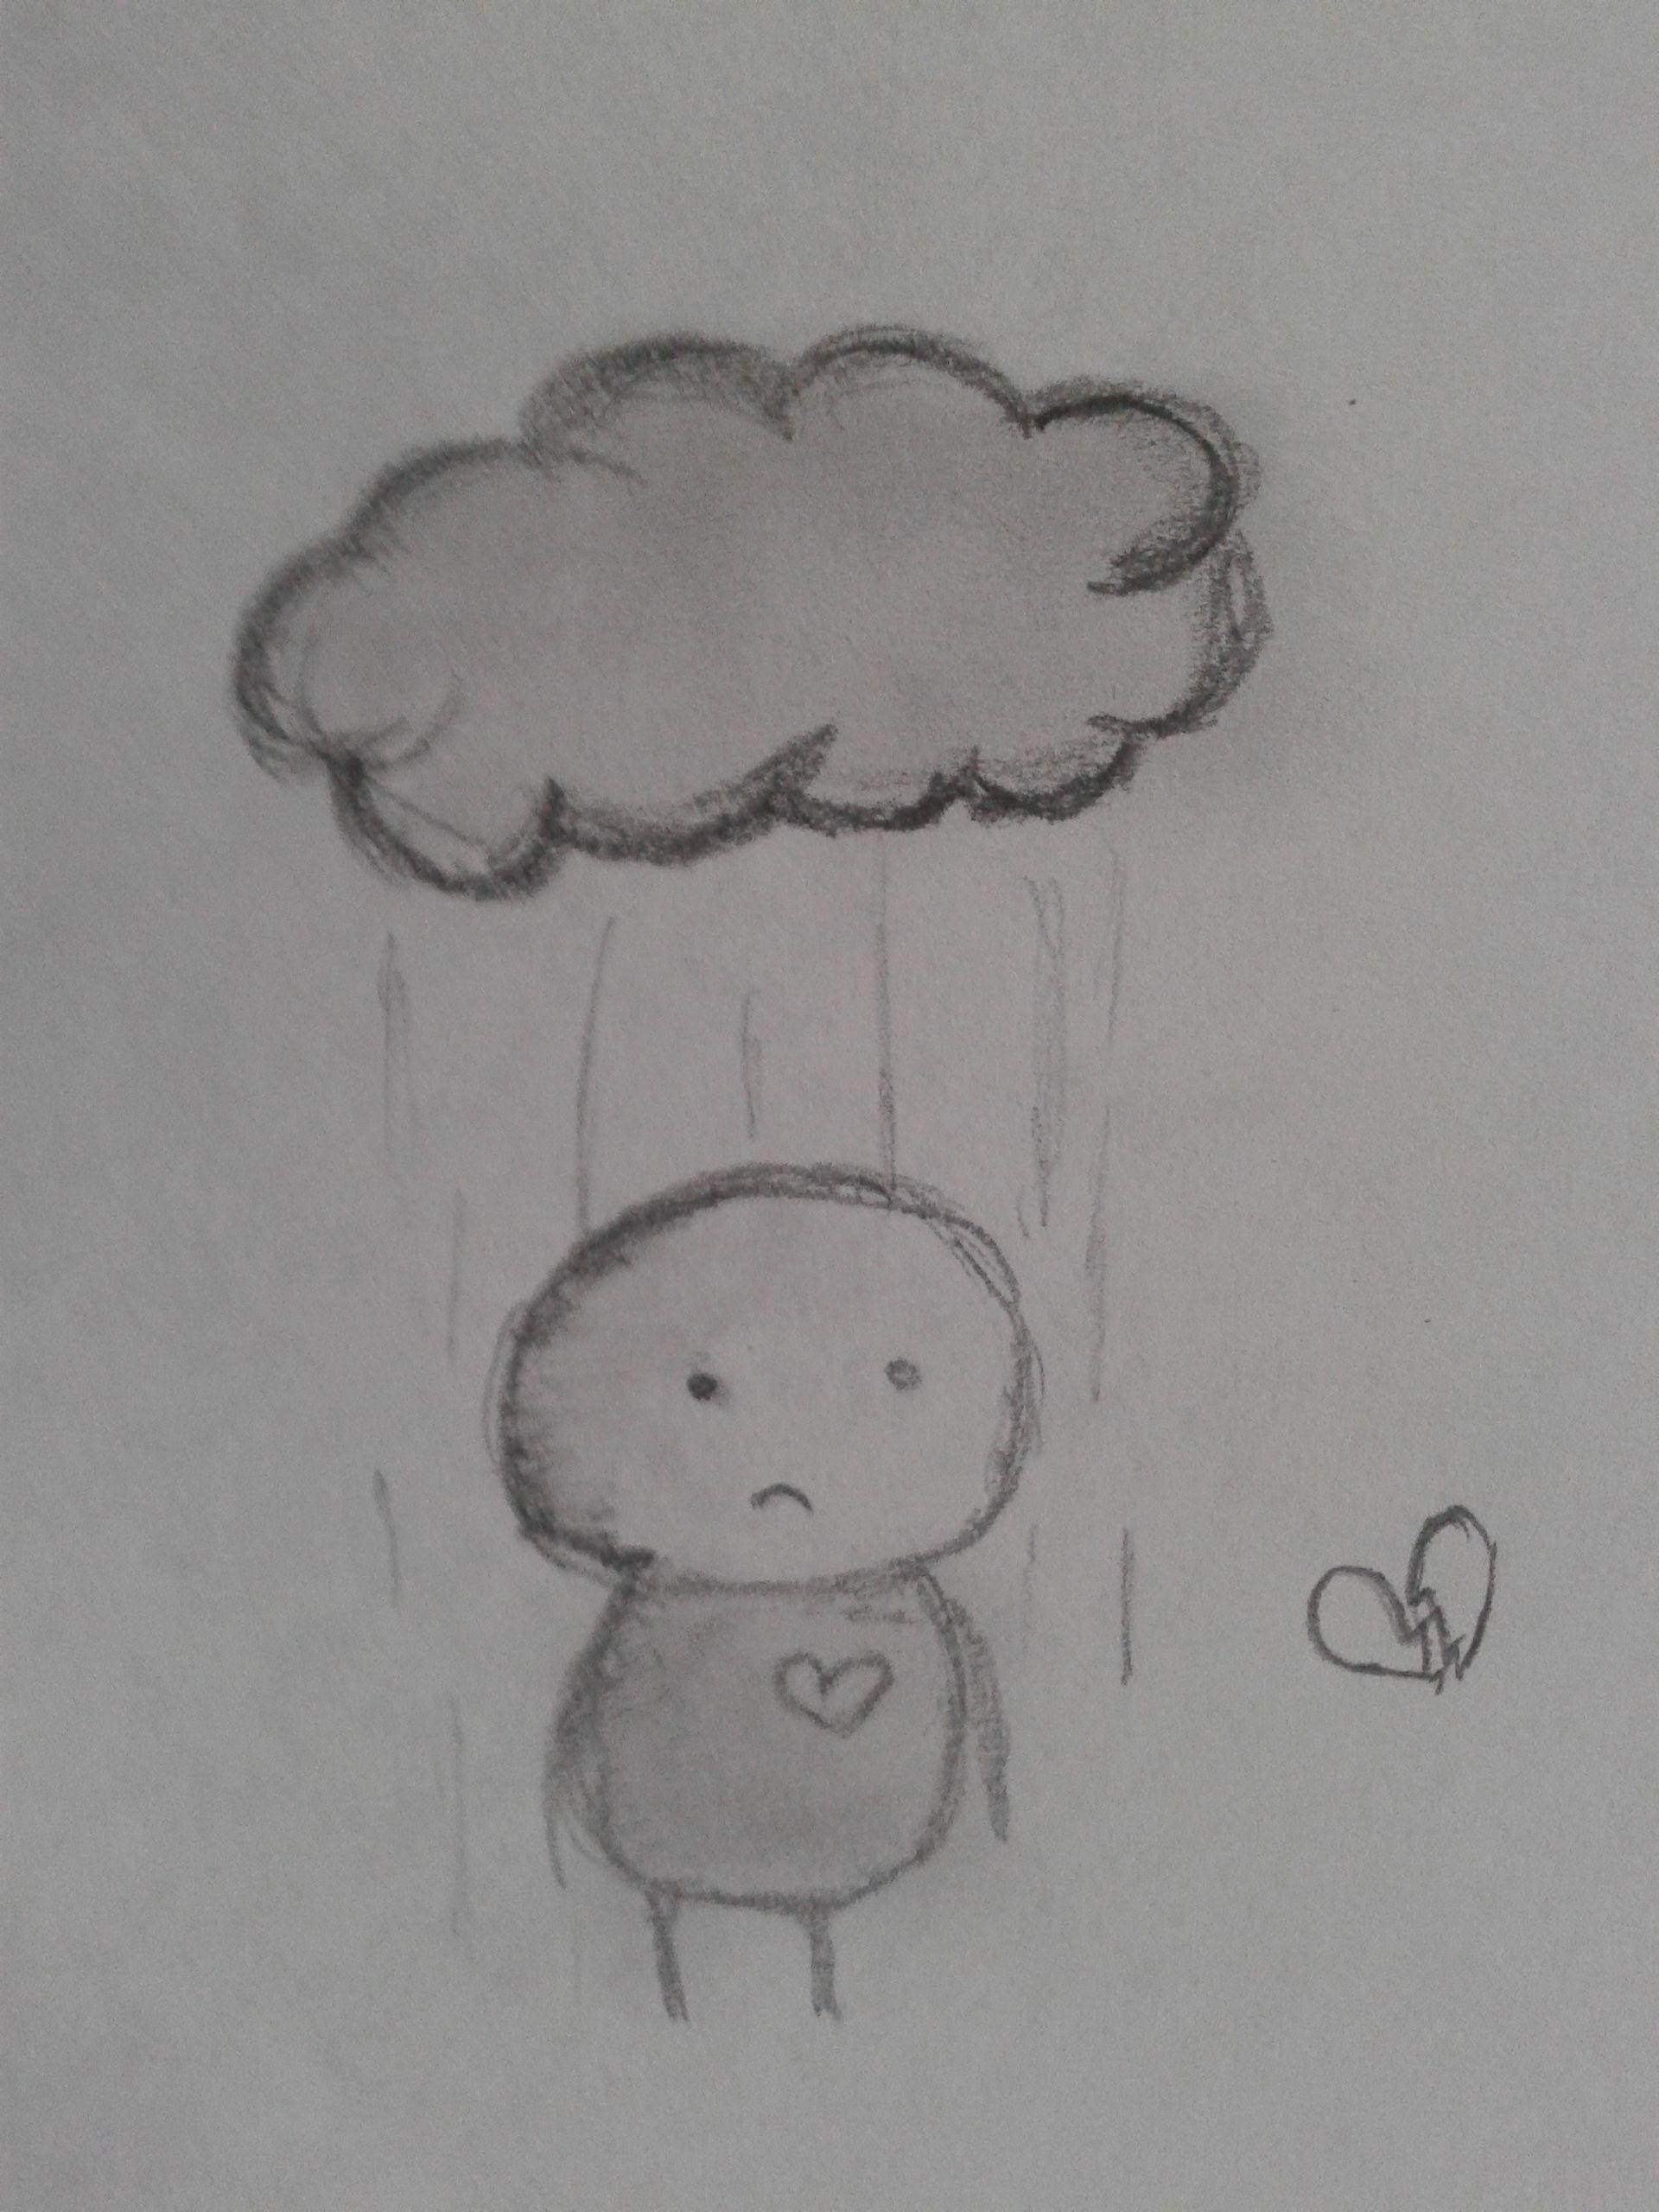 eb7c414f64cc4cdc401cd446747bb304 » Depressing Things To Draw